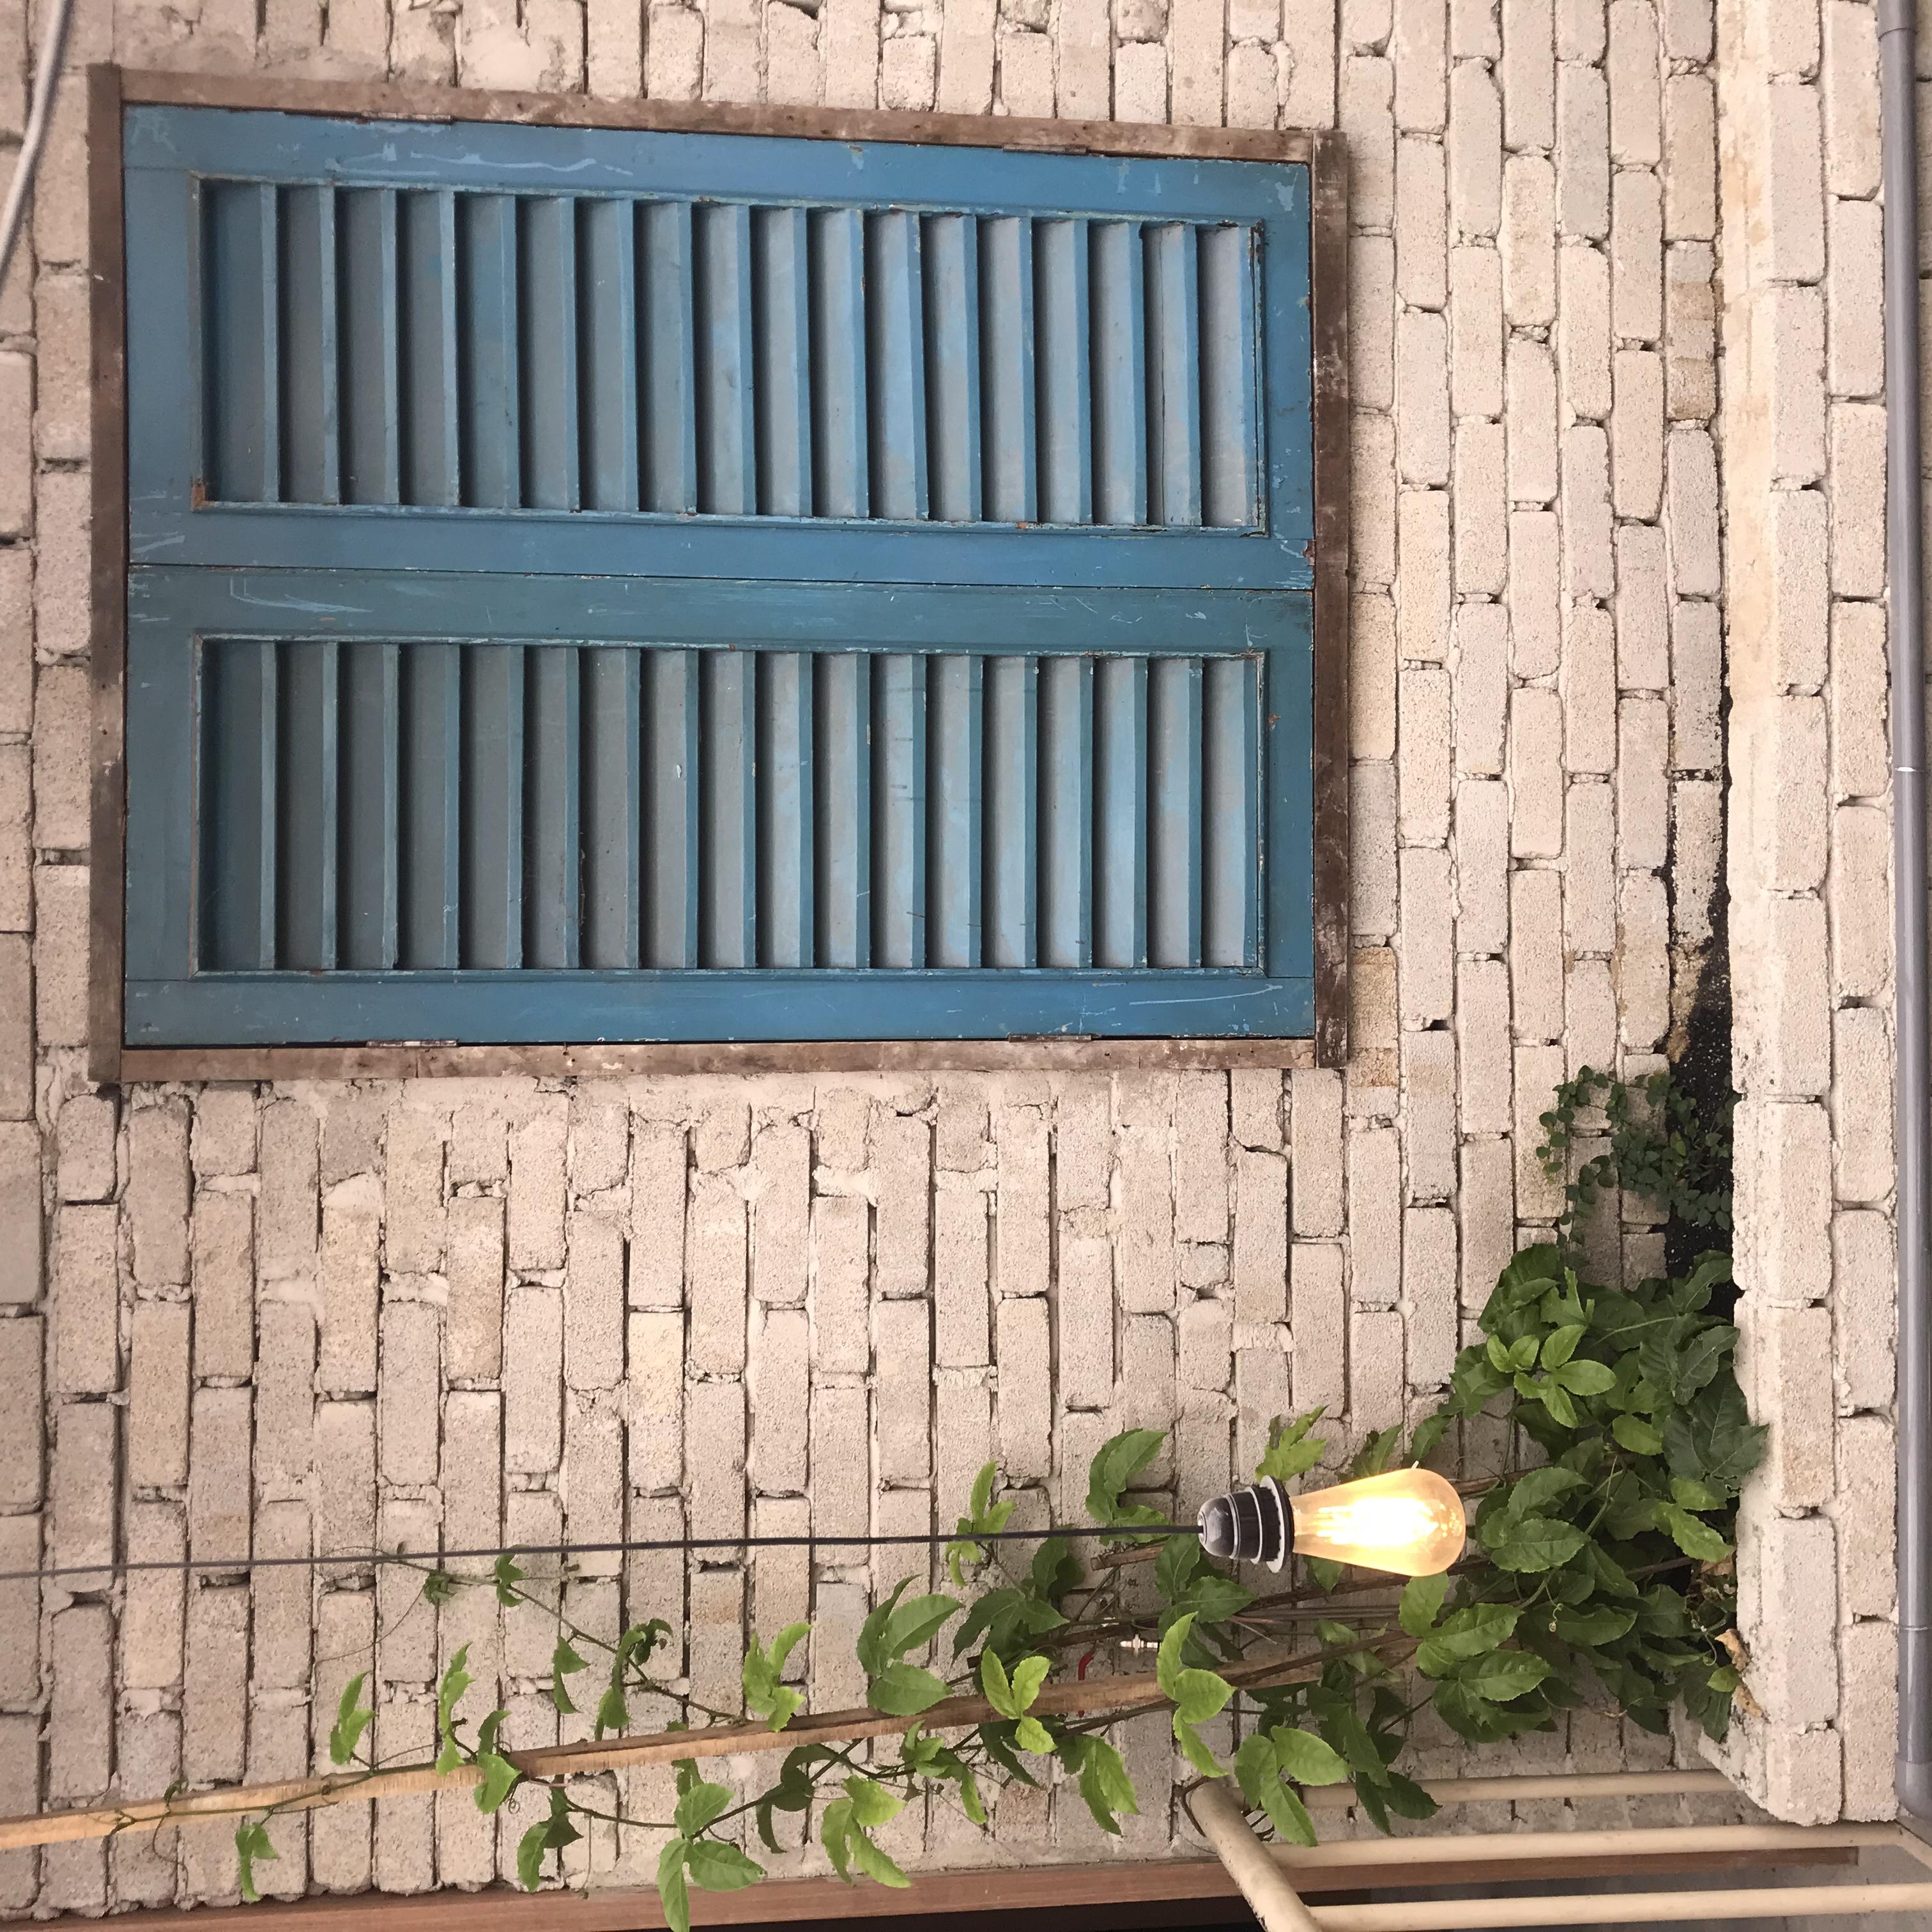 【バックパッカーがおすすめする!】 クアラルンプールの激安ホテル! 一泊300円!?